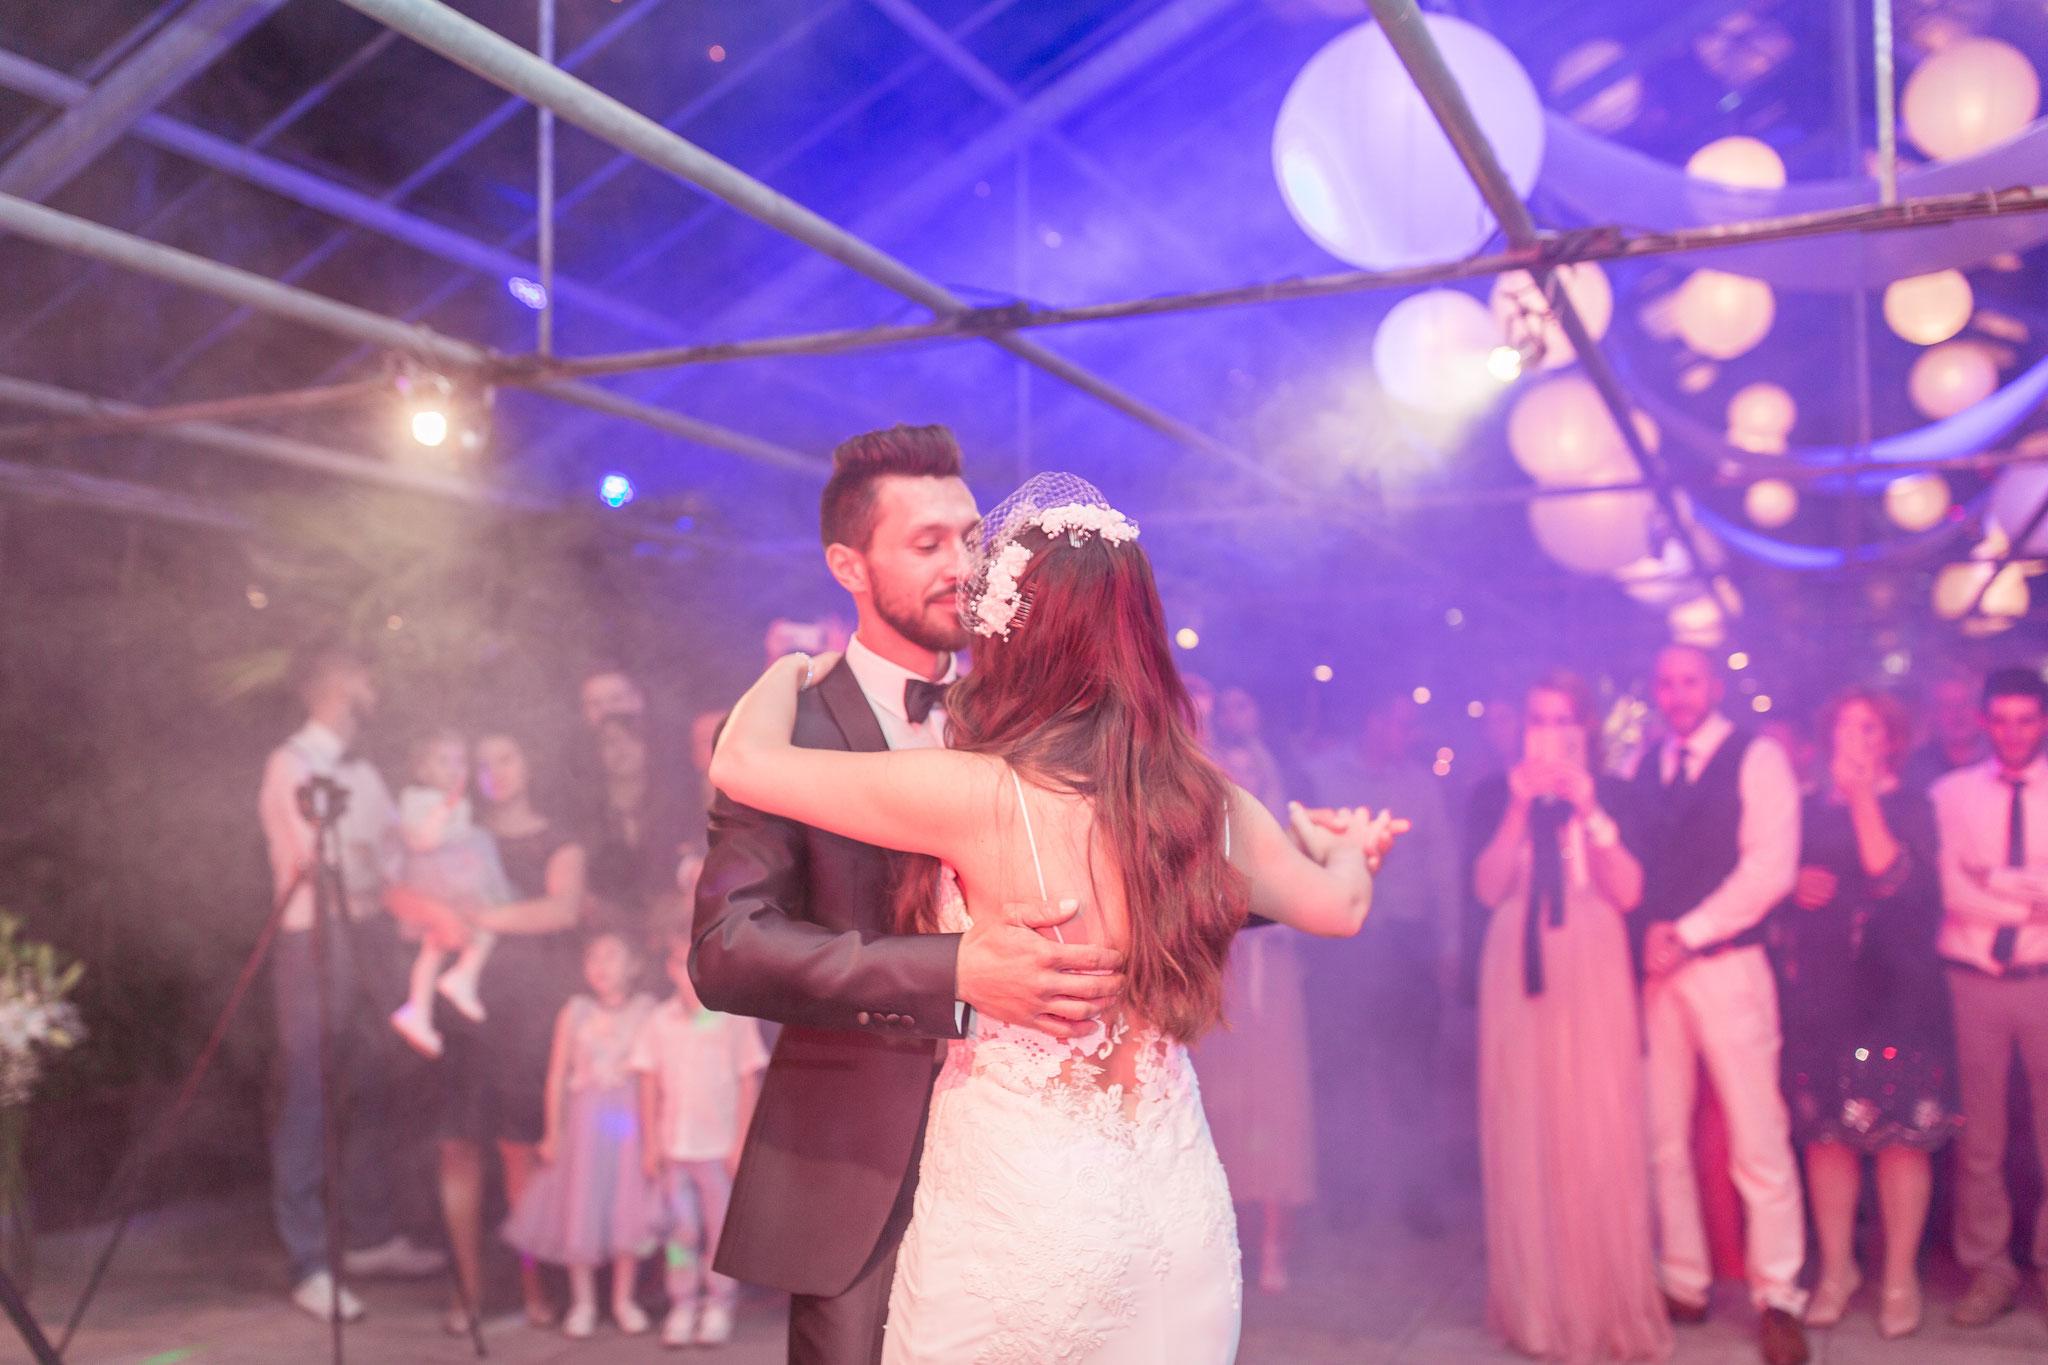 Fotos von der Hochzeitsfeier in der Location